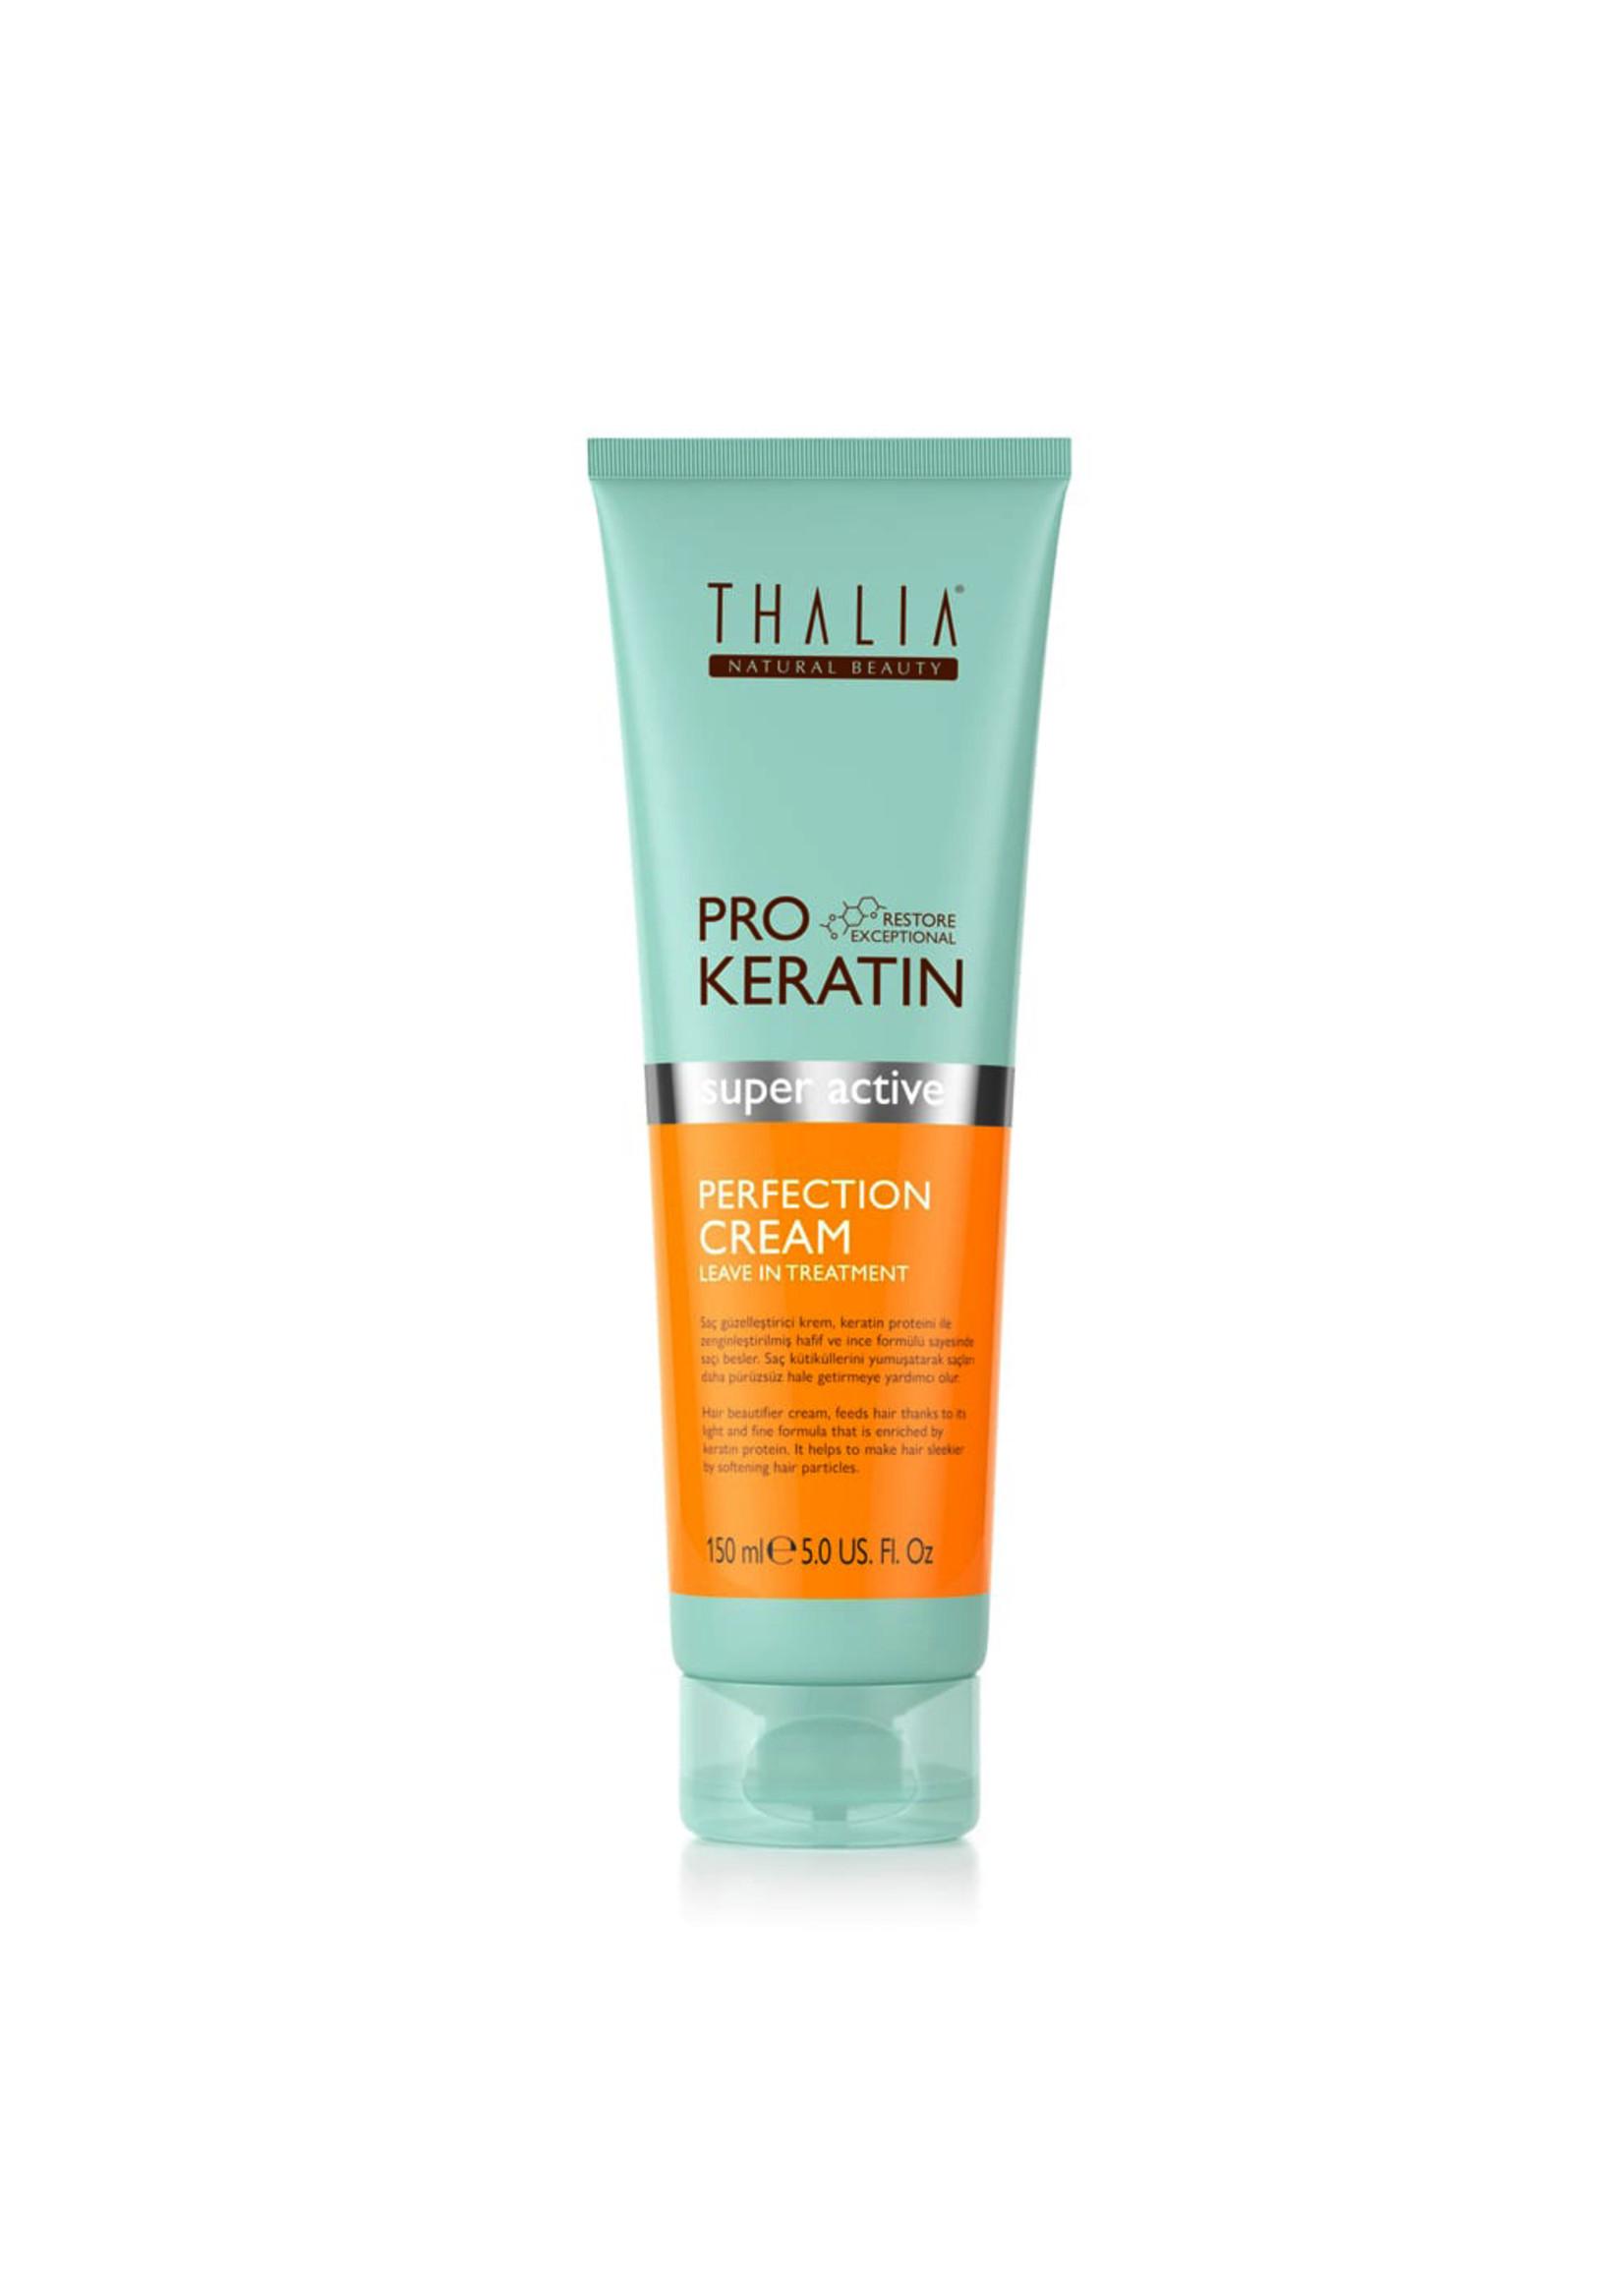 Thalia Pro Keratin Perfection Cream - 150ml